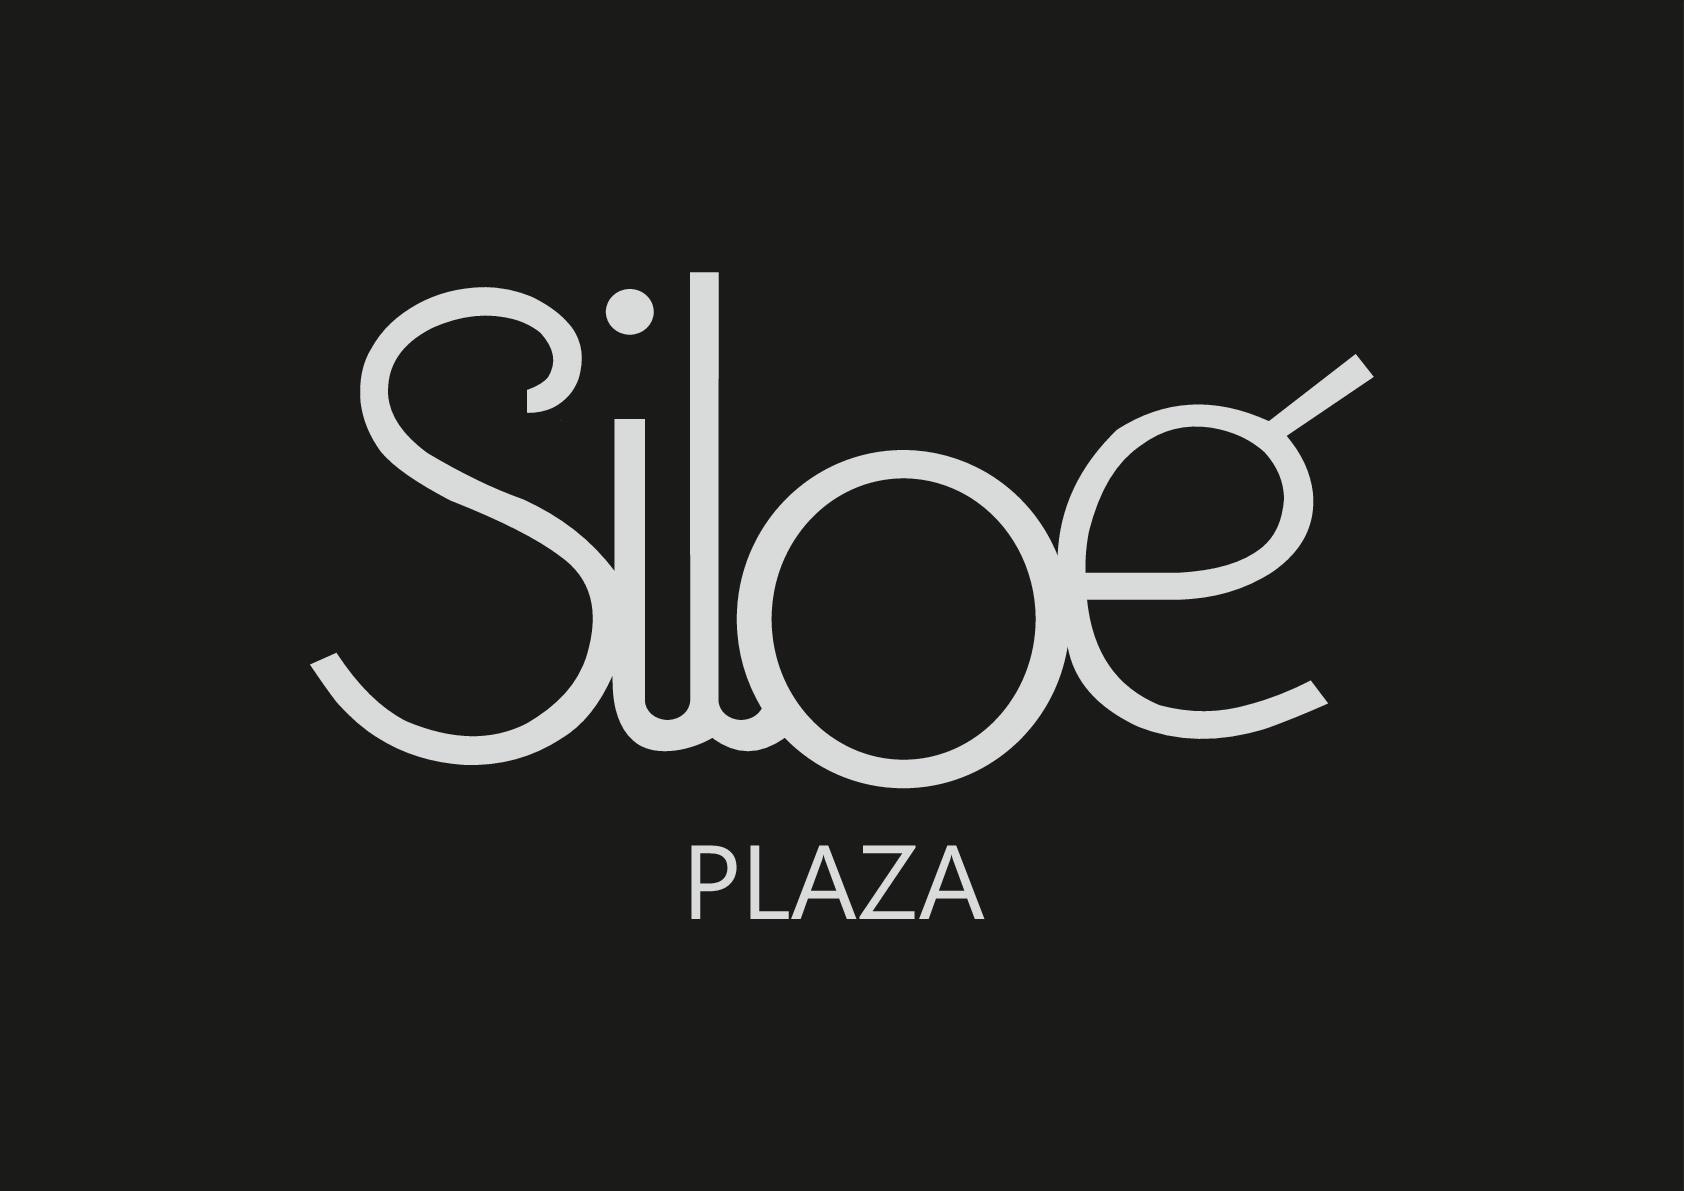 Siloe Plaza